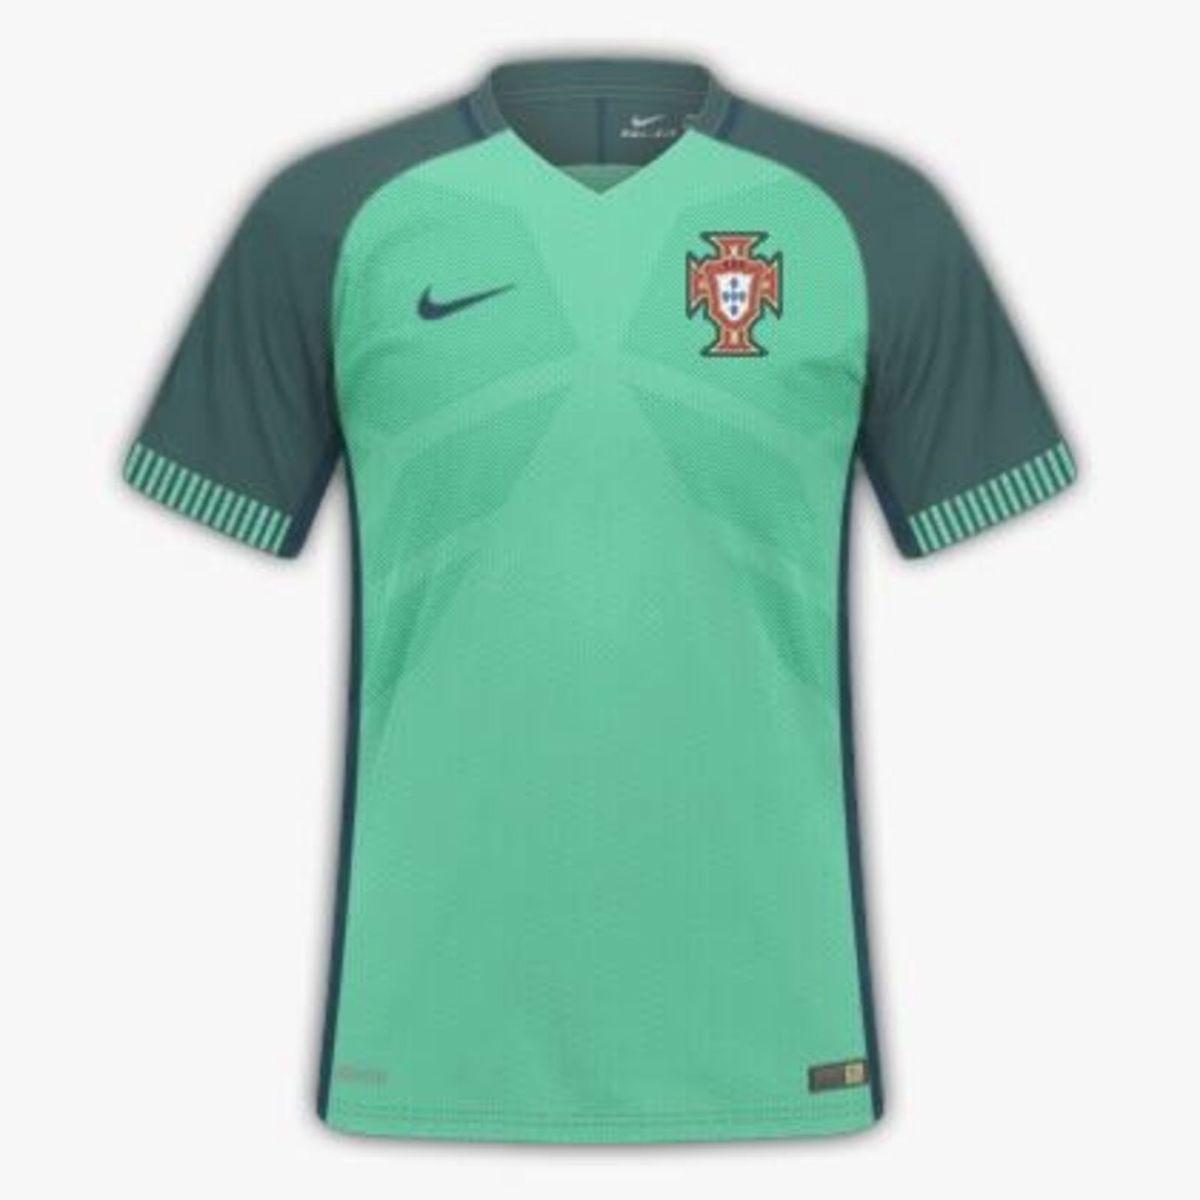 7b4b91251b Camisa Seleção Portugal 2016 2017 Uniforme 2